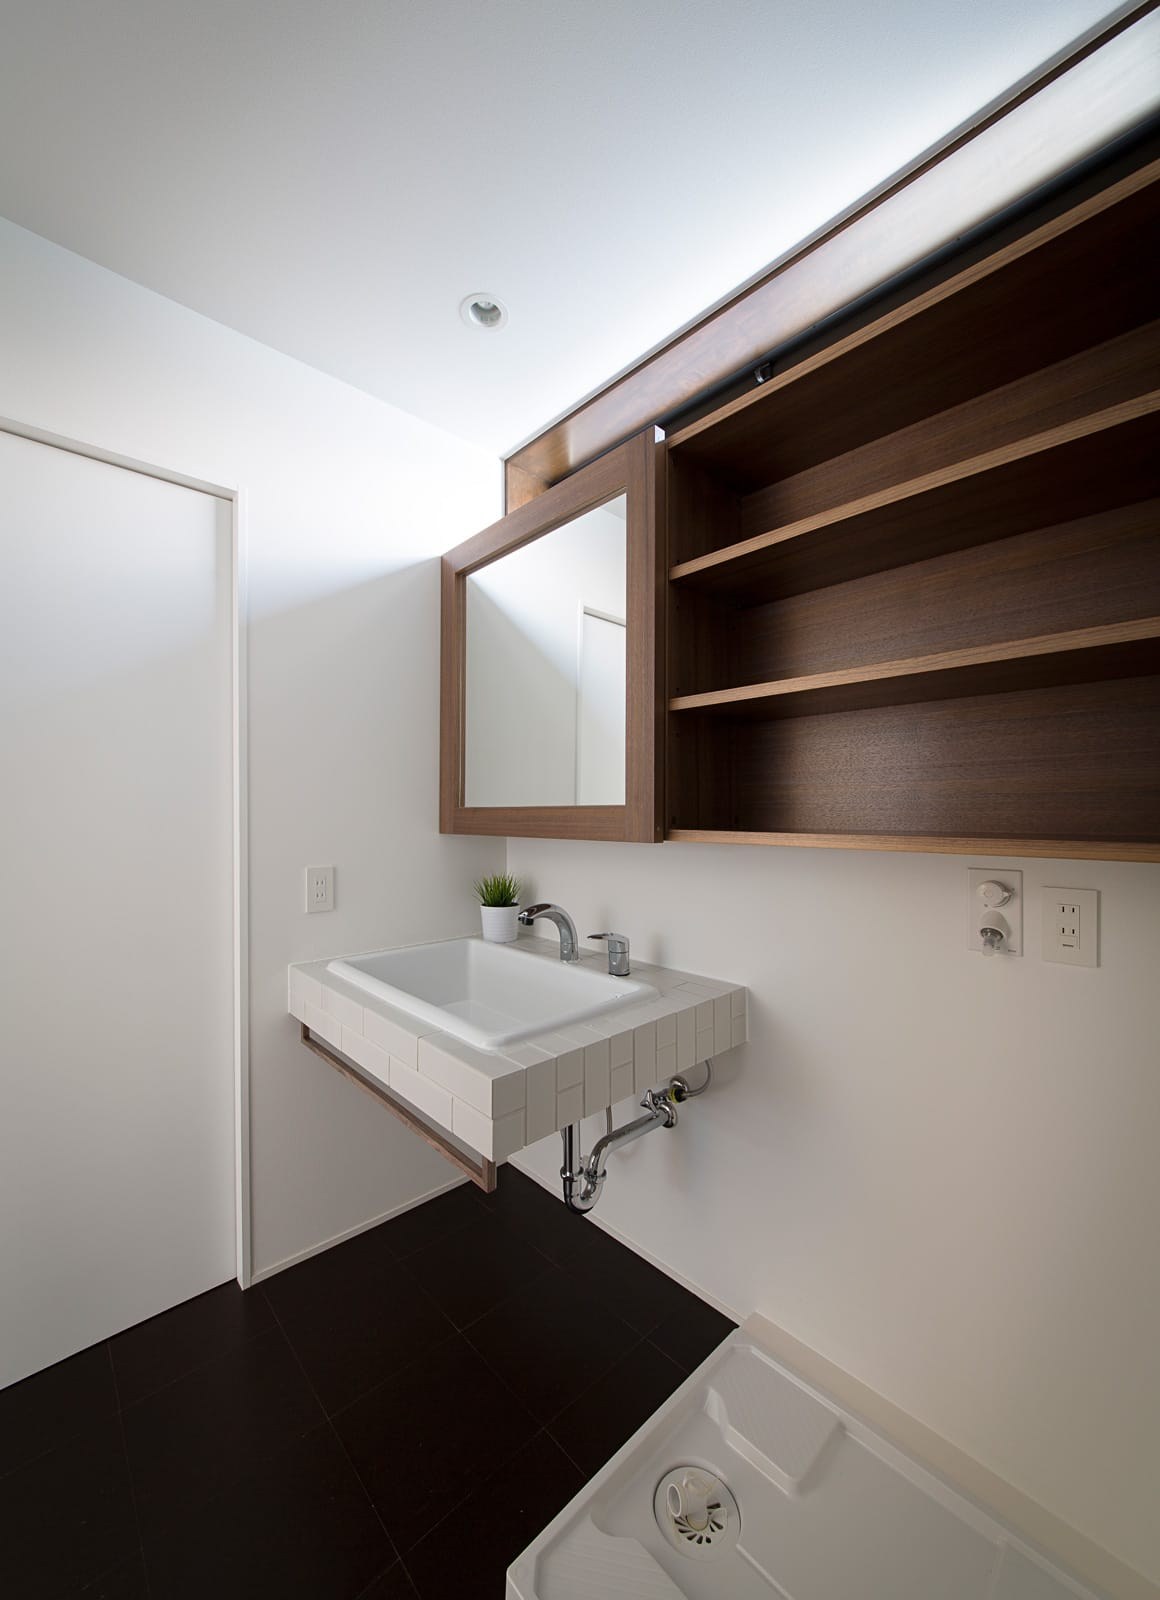 パン工房のある家の浴室・洗面室2